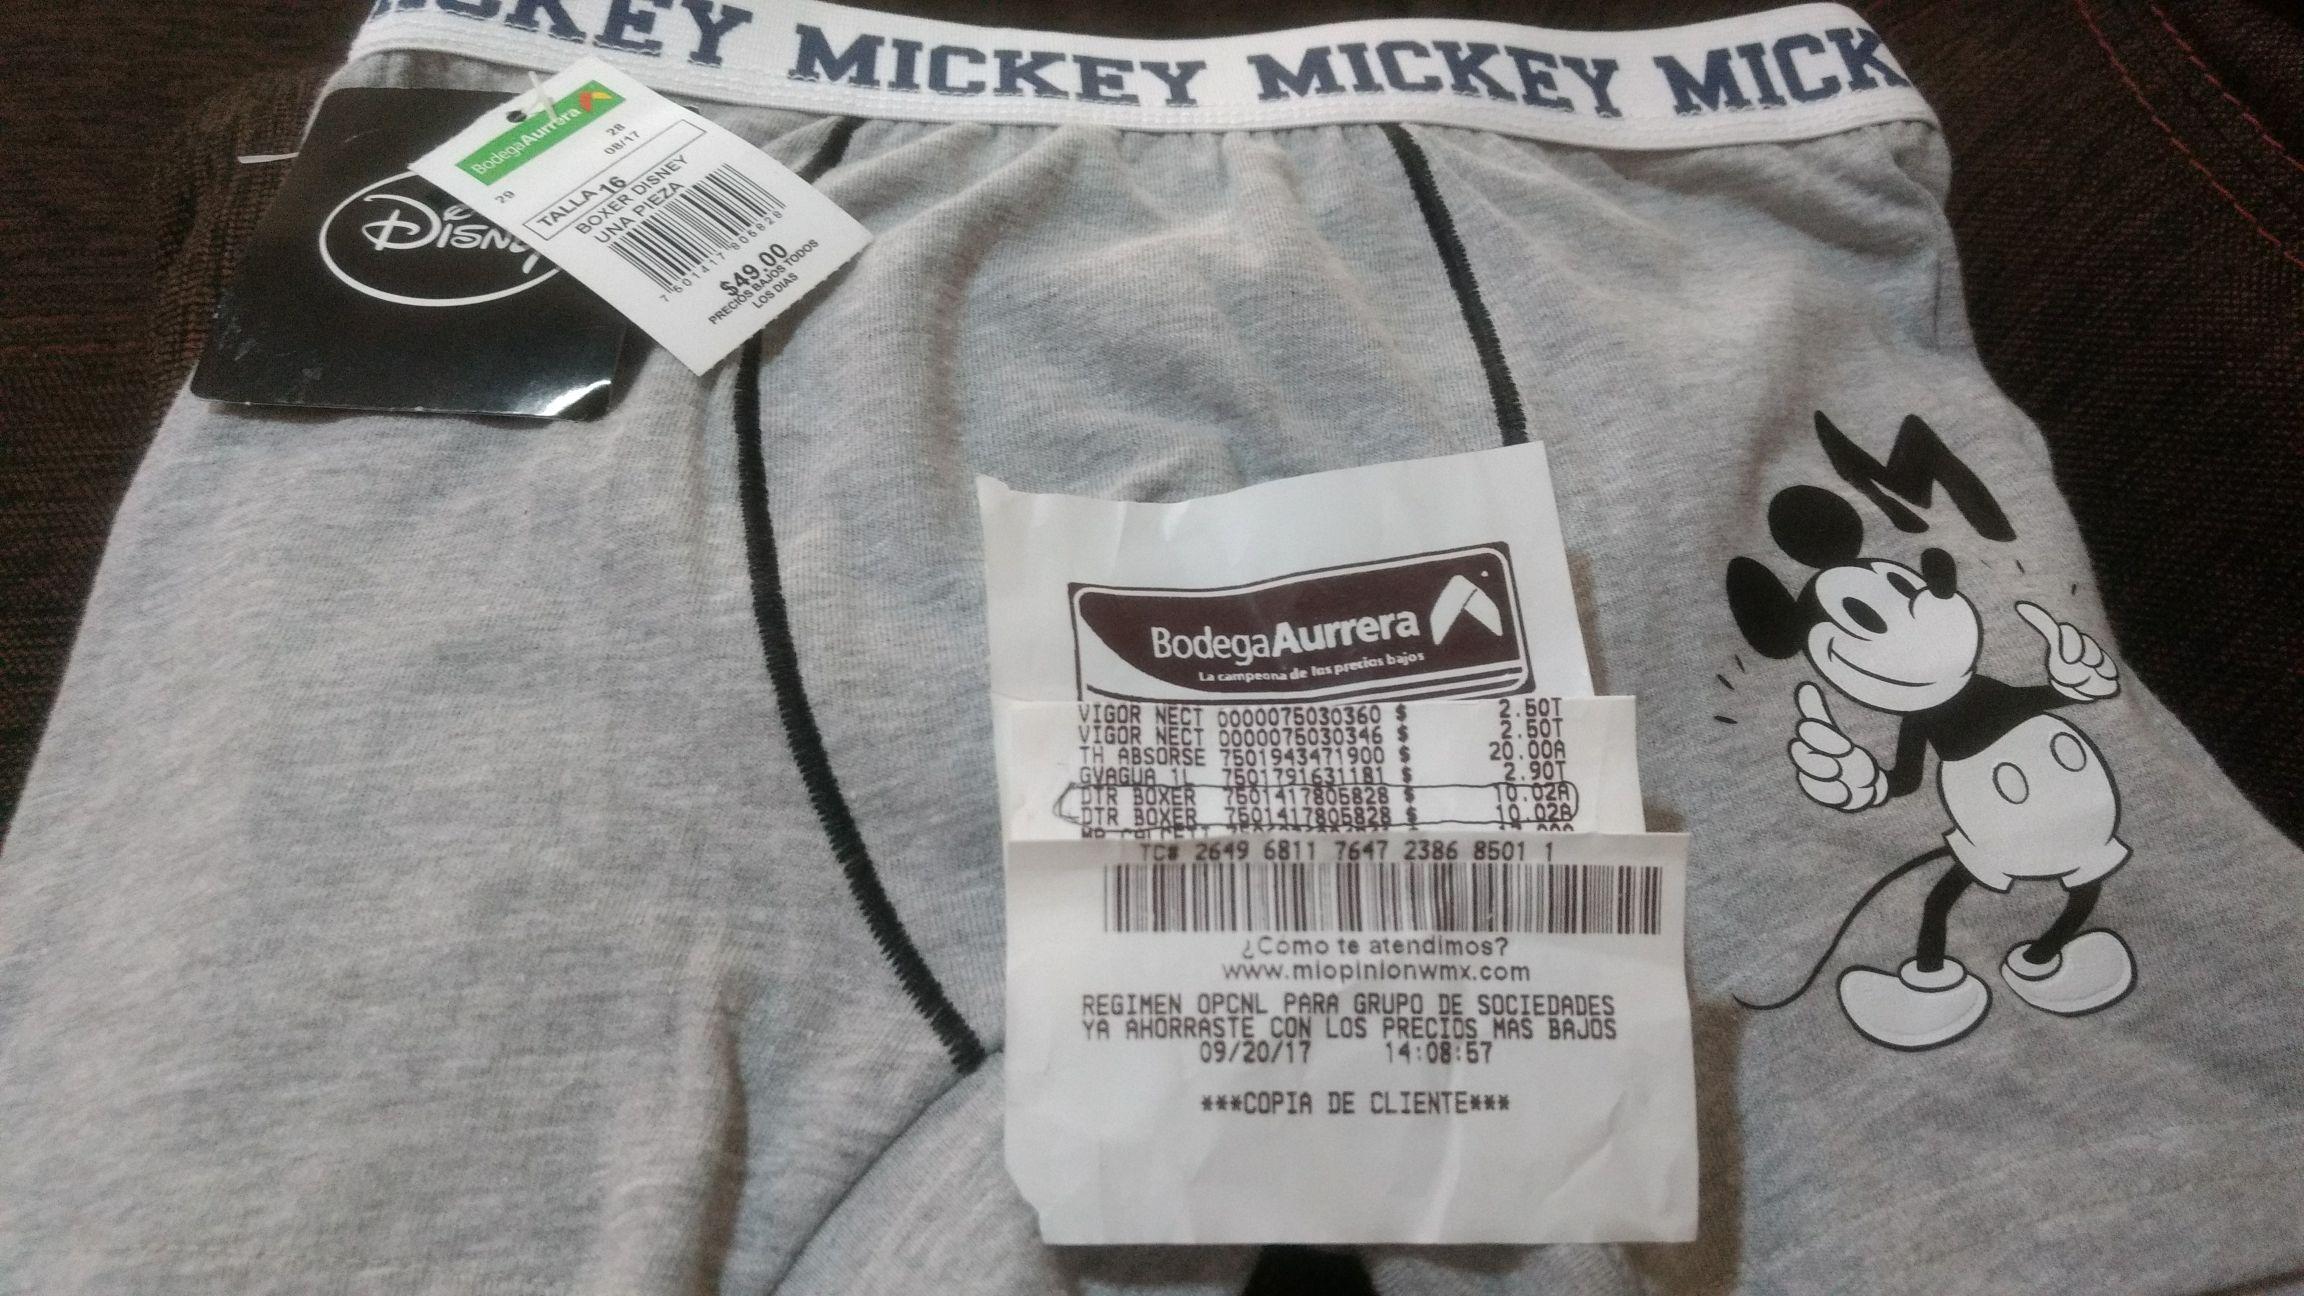 Bodega Aurrerá: Boxer de niño Mickey mouse a $10.02